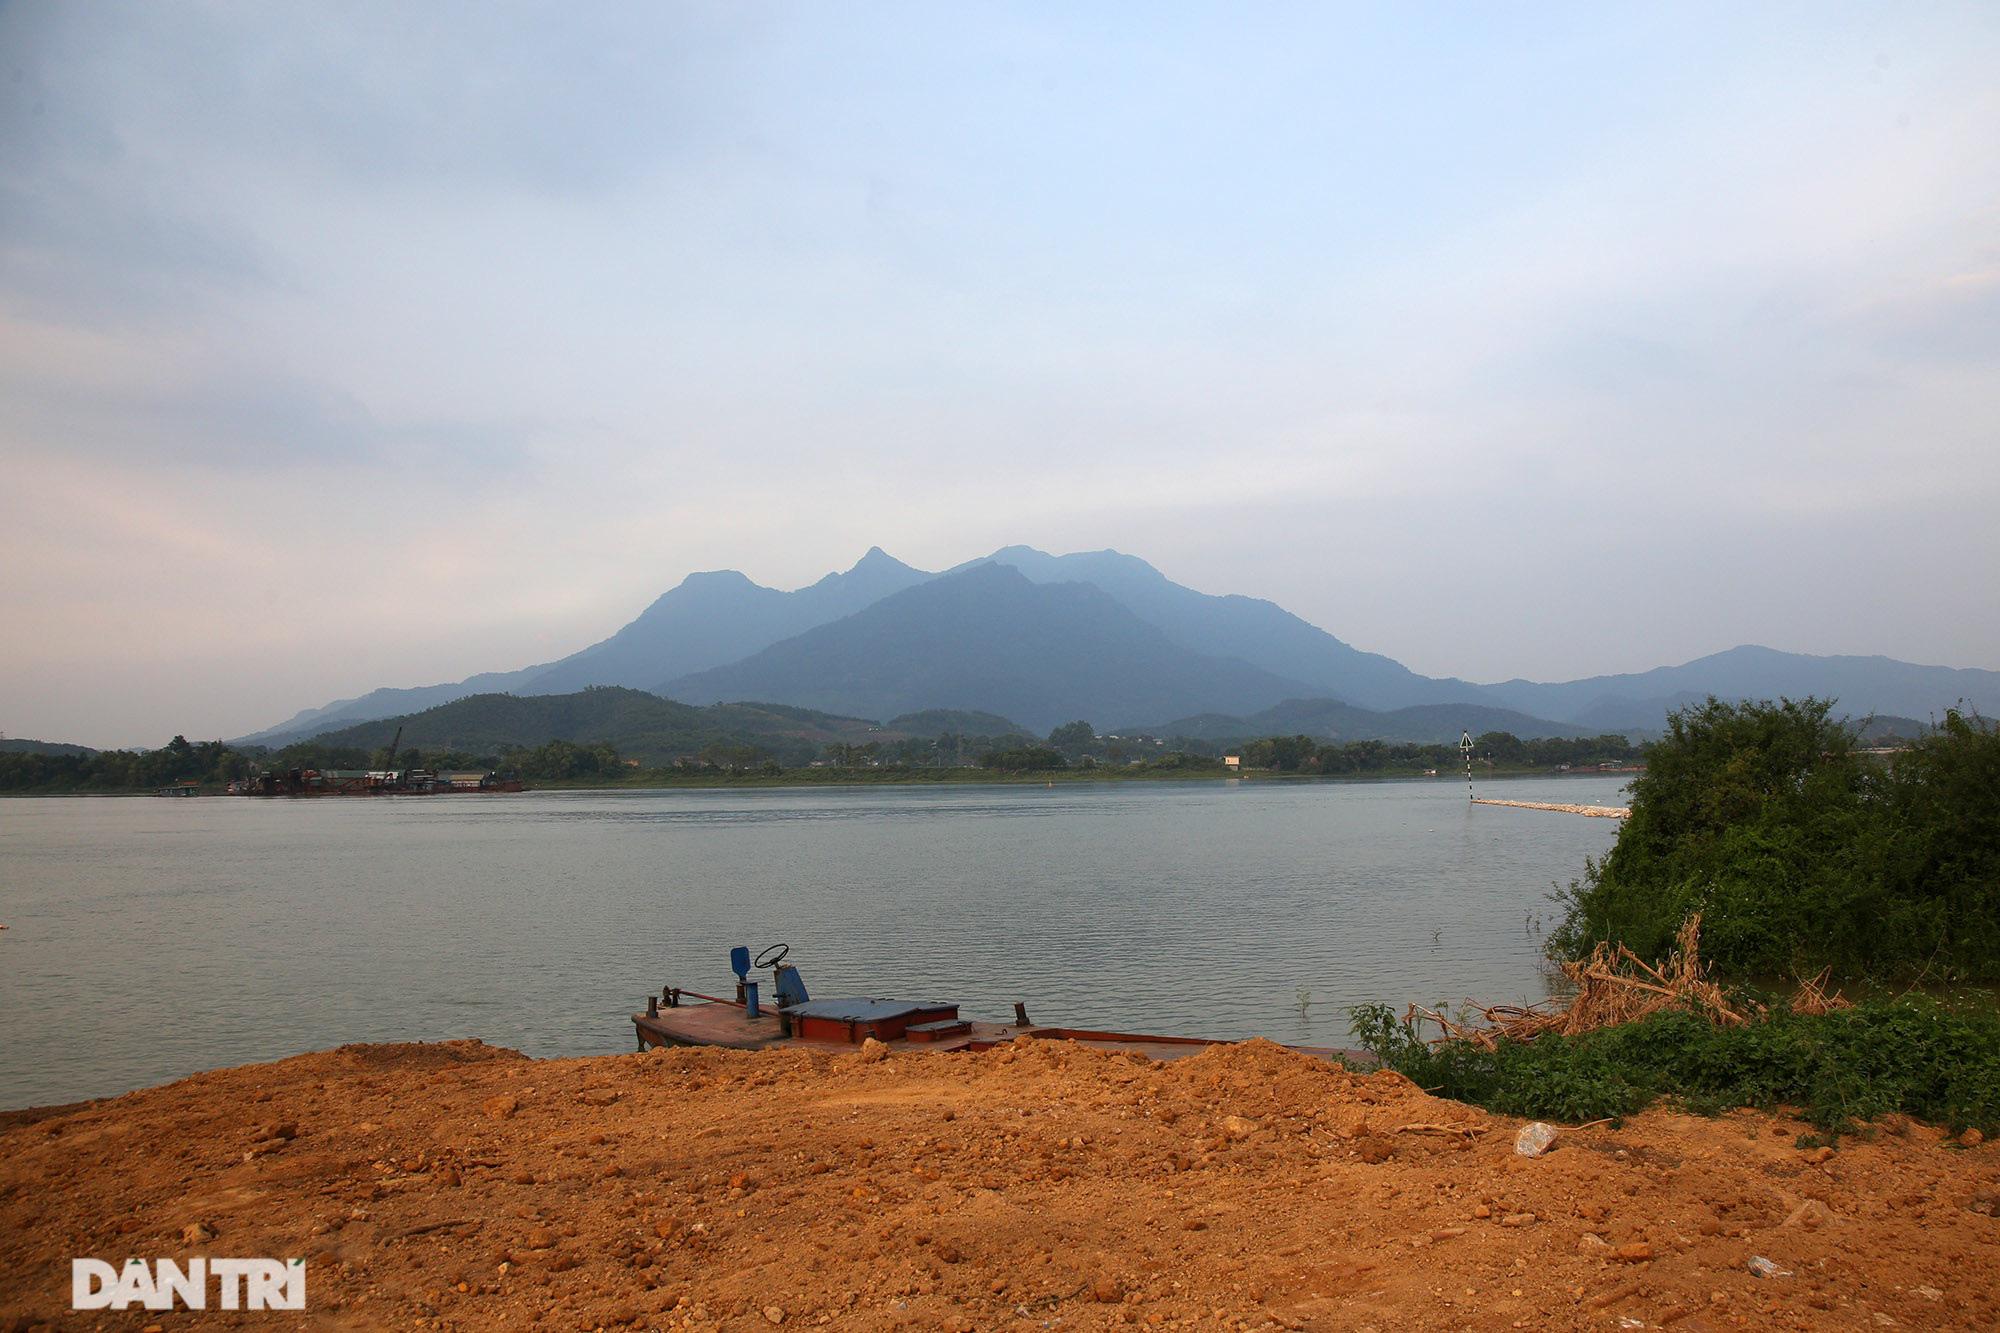 Núi thiêng gần Hà Nội đẹp mê mải nhìn từ muôn phương tám hướng - Ảnh 16.